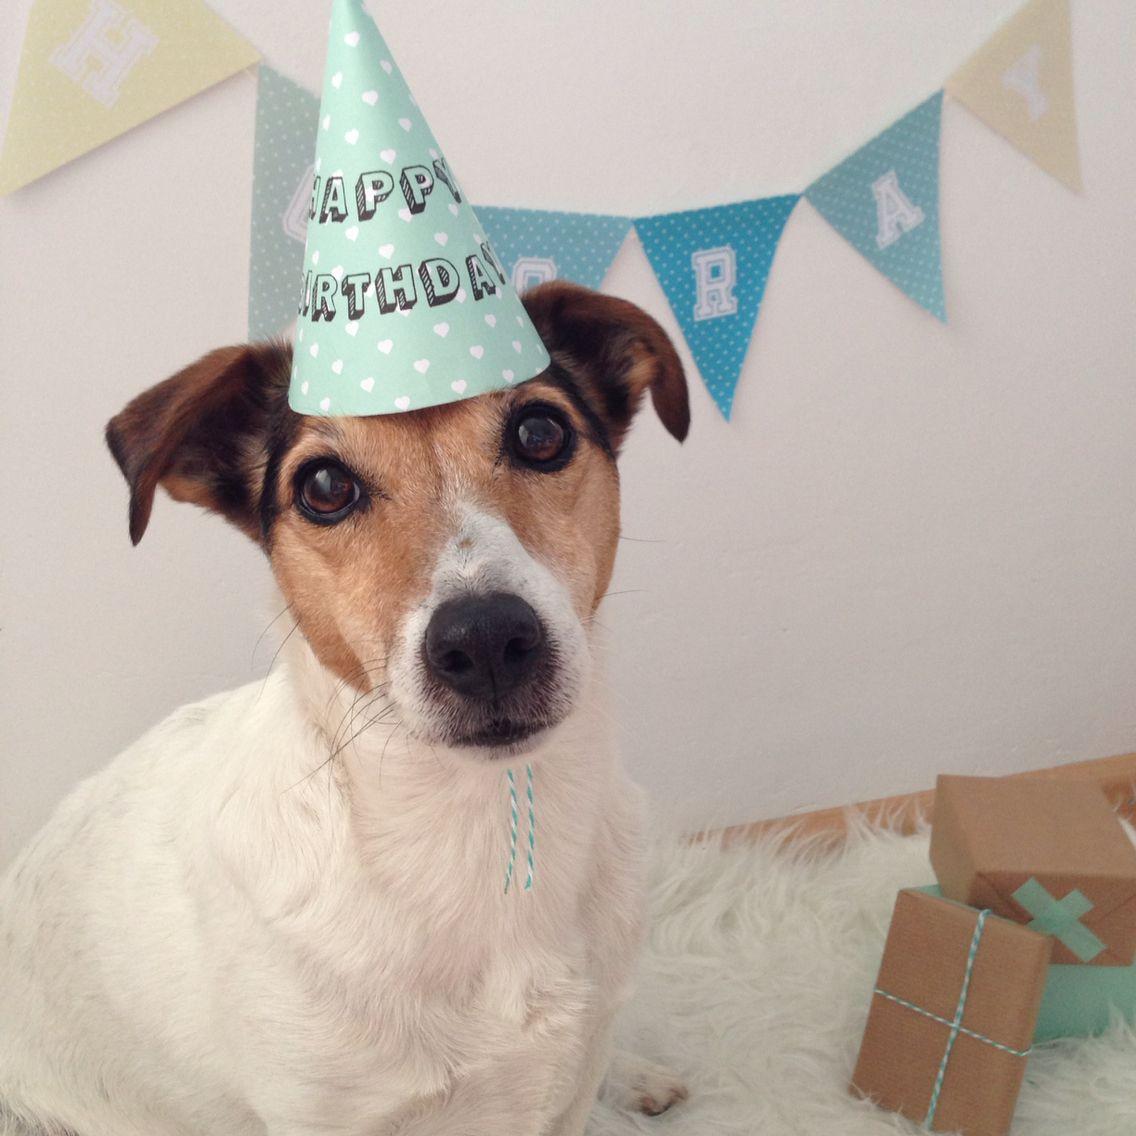 Happy Birthday To You Dog